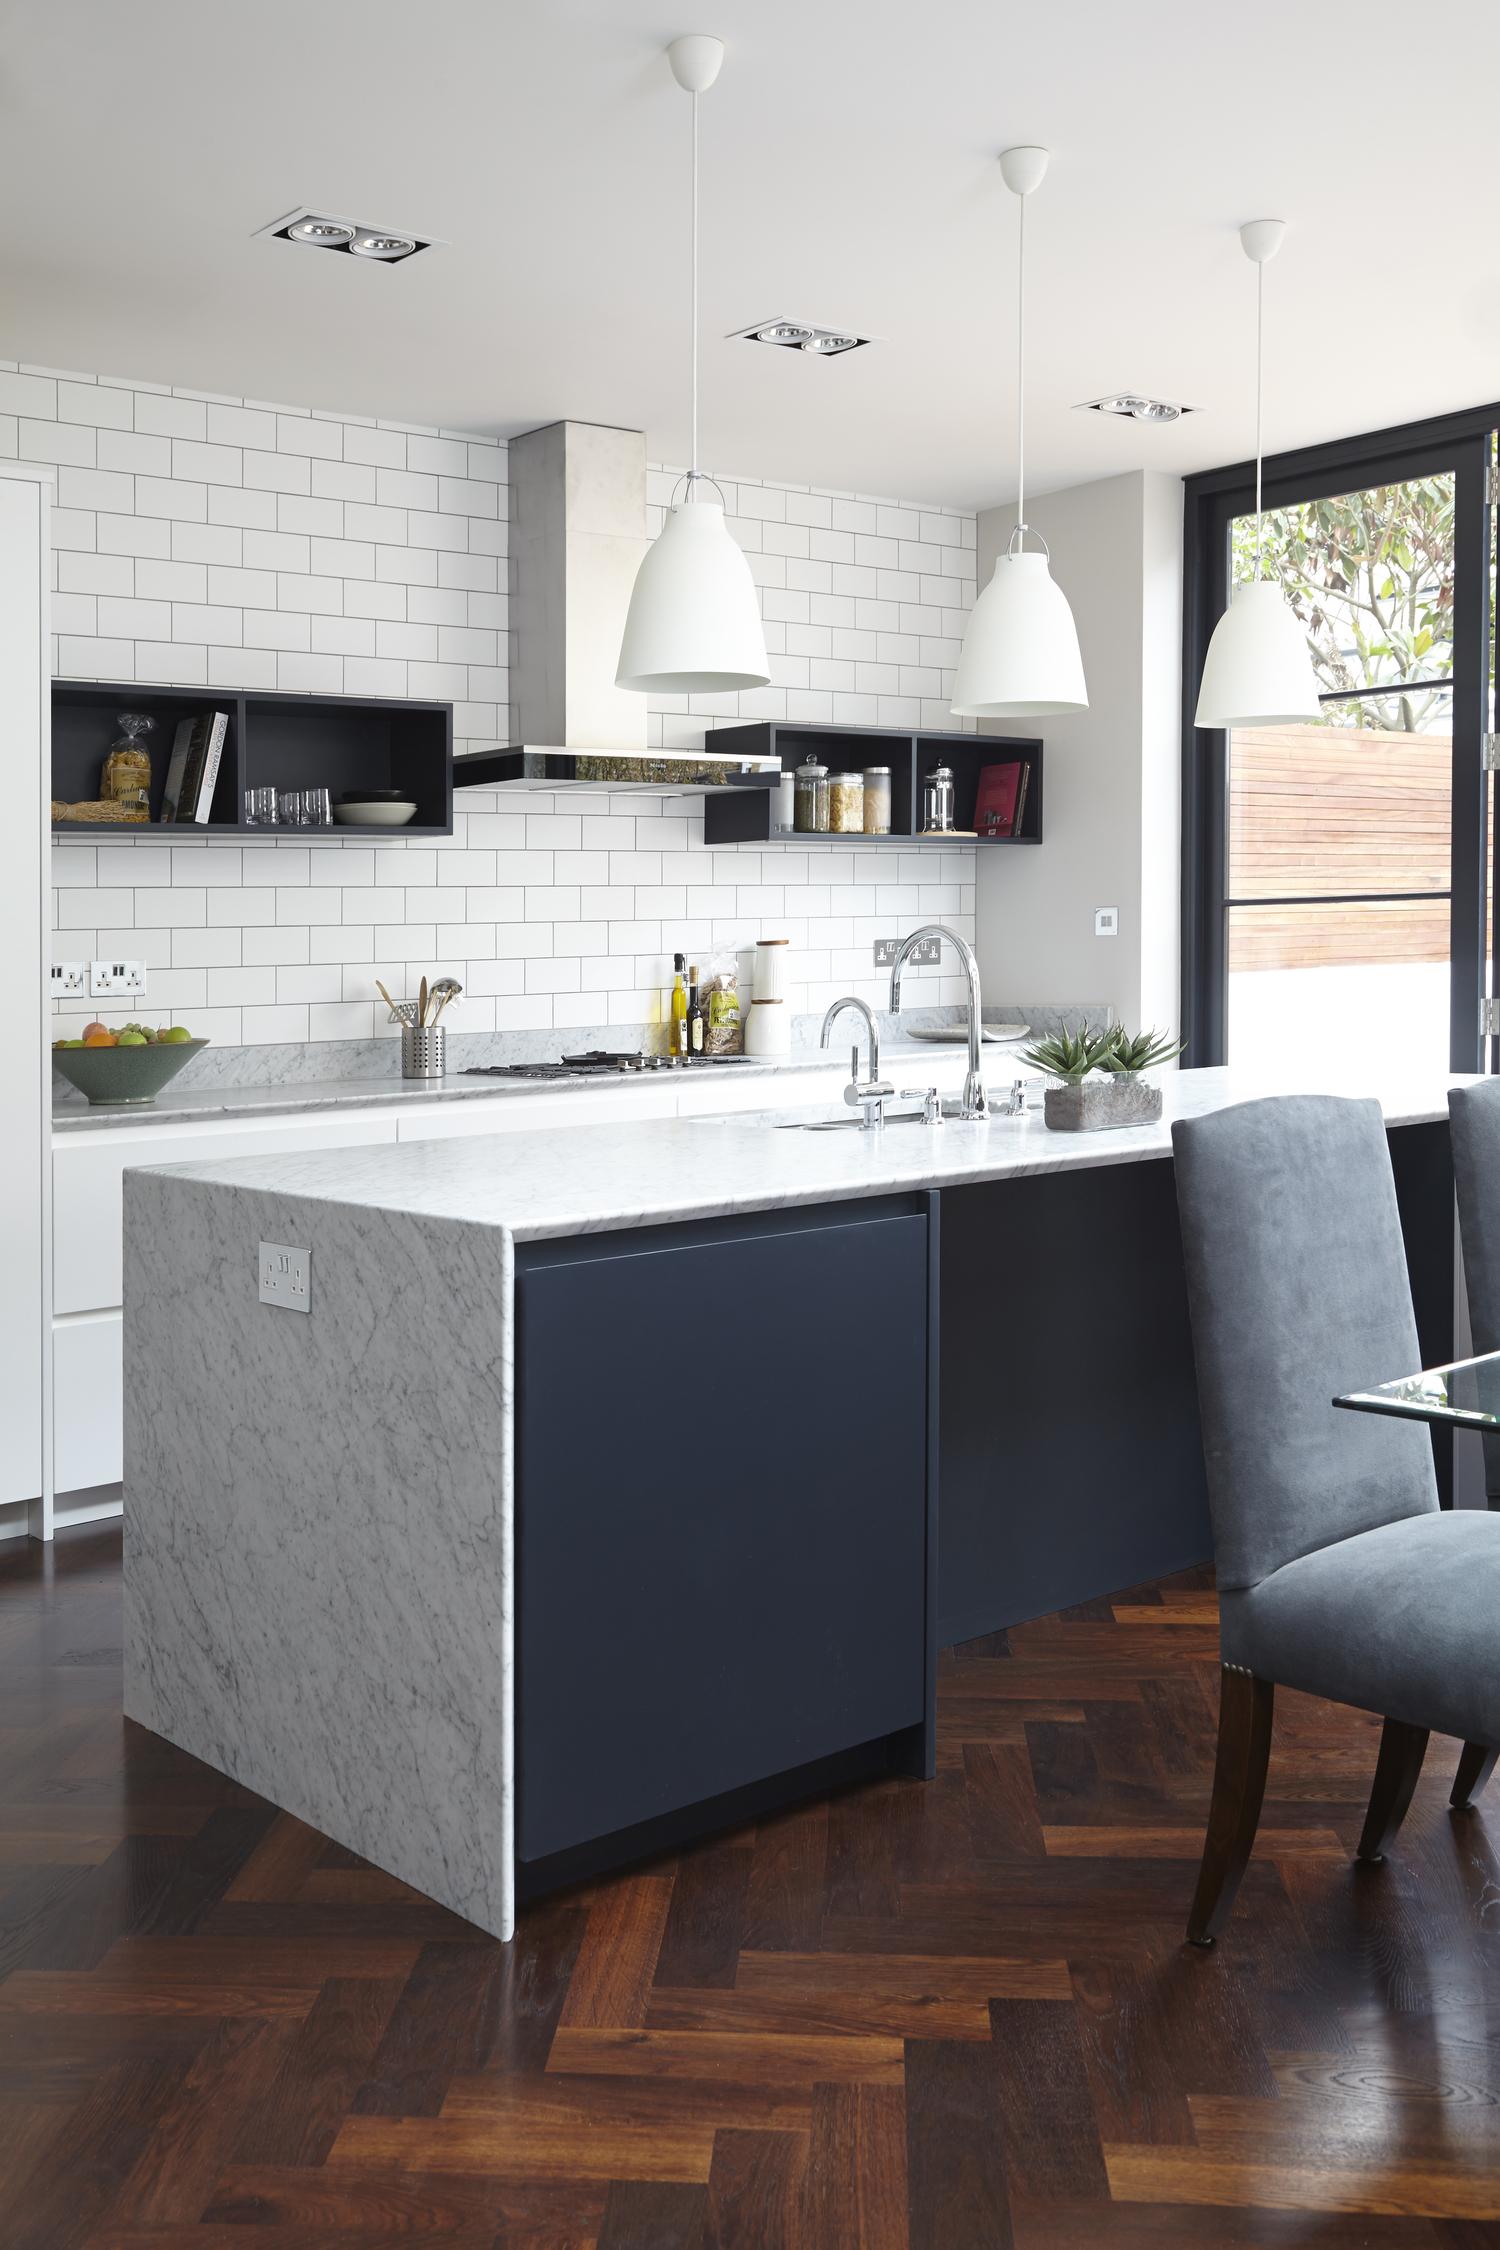 Blakeskitchen 8 7 1423676 jpgBlakes London. West London Kitchen Design. Home Design Ideas